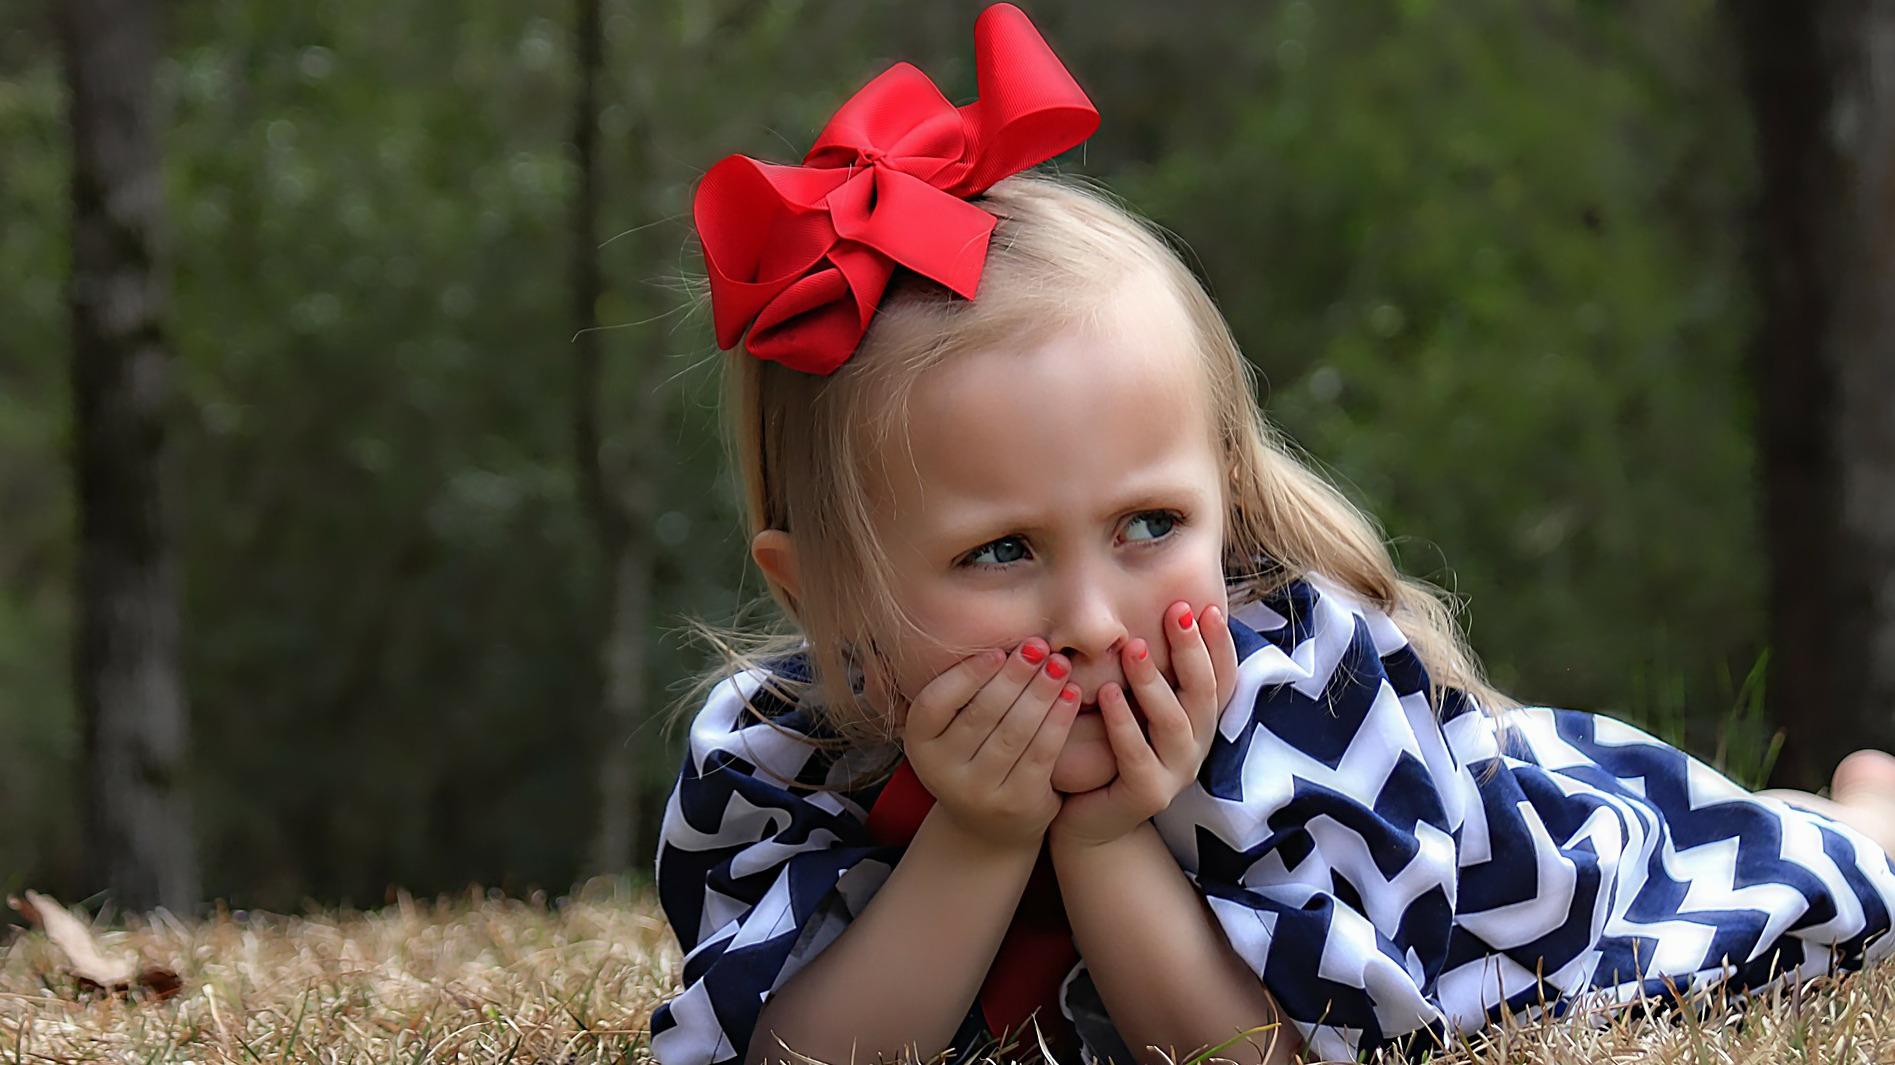 Borelioza u dzieci może powodować poważne powikłania.